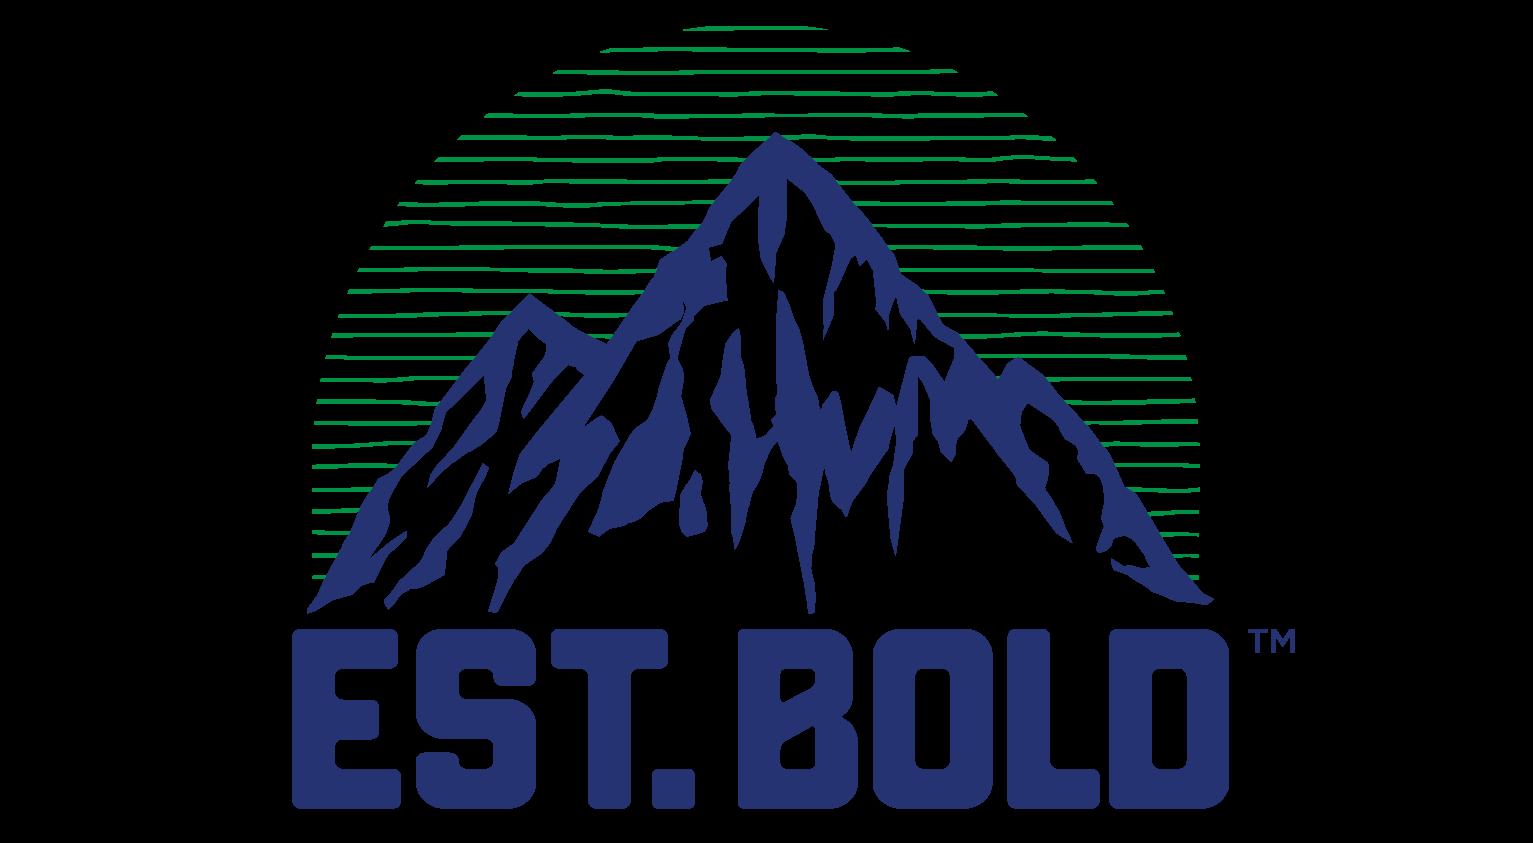 Est.Bold